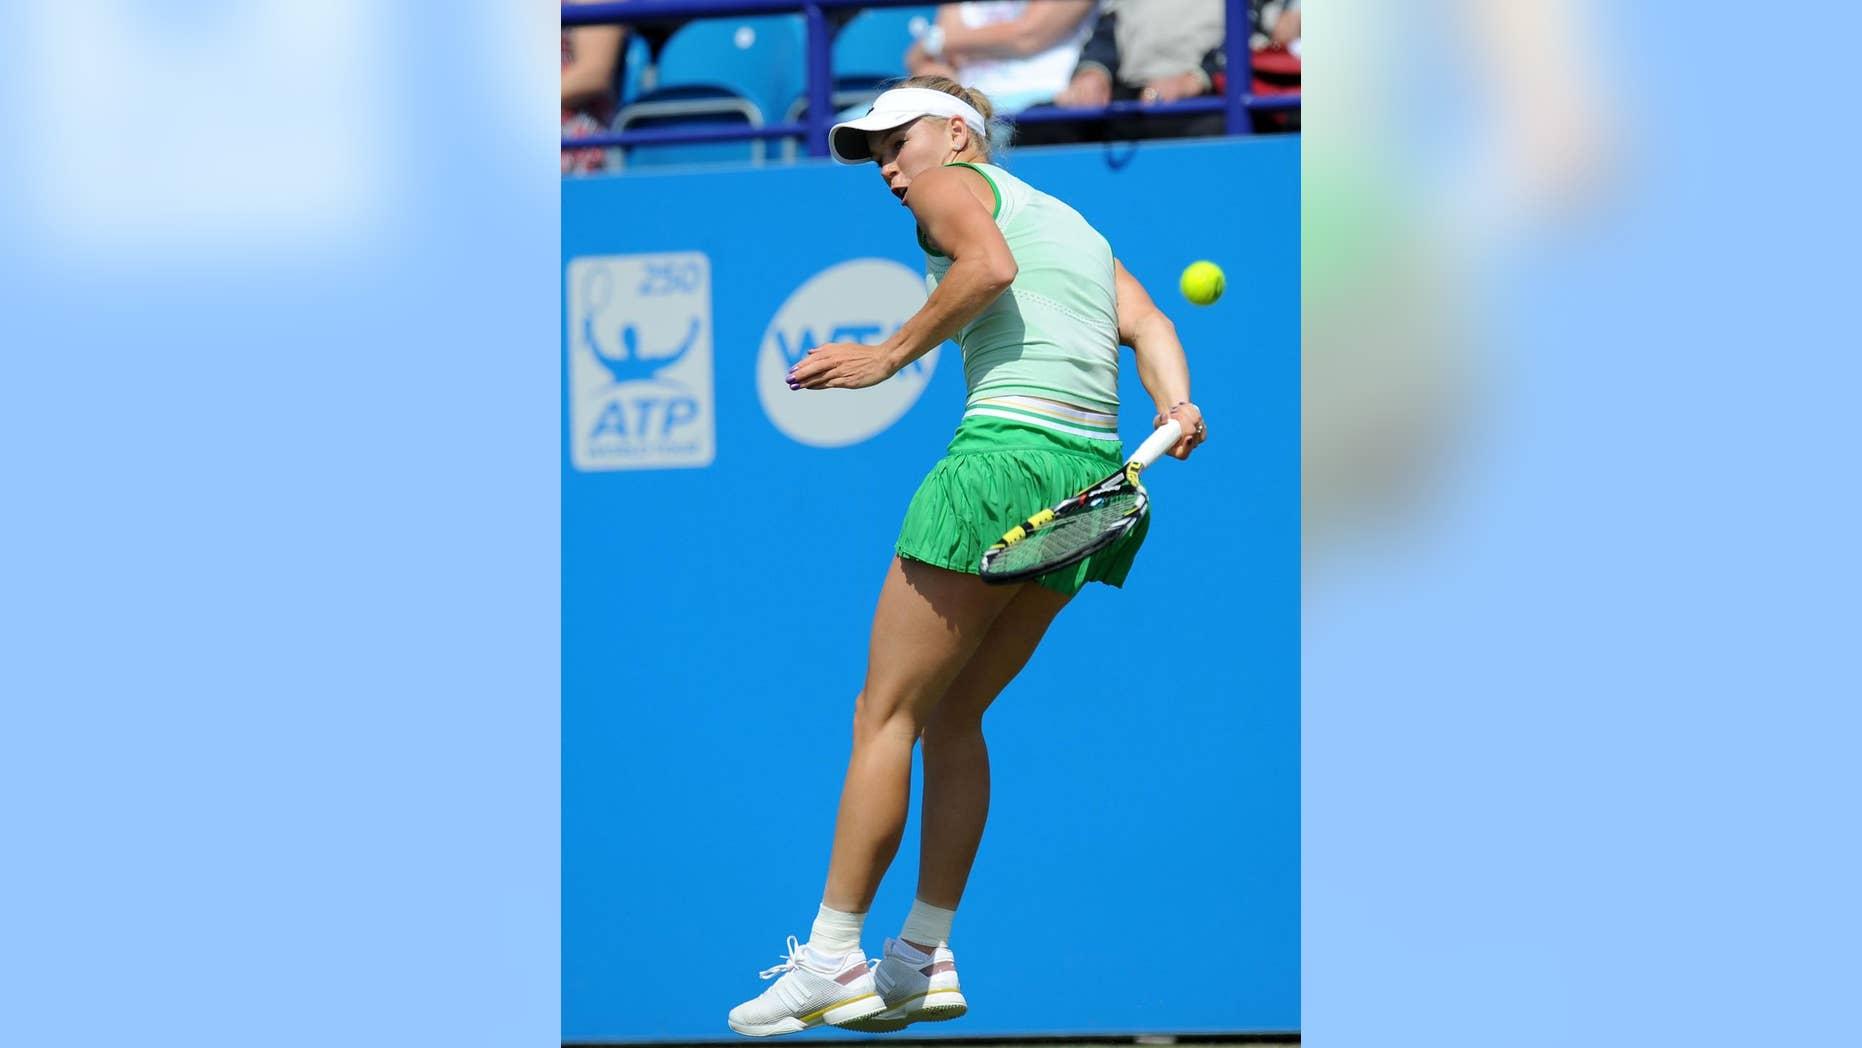 La danesa Caroline Wozniacki devuelve un disparo durante su partido de semifinales del torneo internacional de Eastbourne Park, Inglaterra, frente a la alemana Angelique Kerber, el viernes 20 de junio del 2014. Kerber ganó 3-6, 7-6 (3), 6-3 . (Foto AP/PA, Clive Gee)